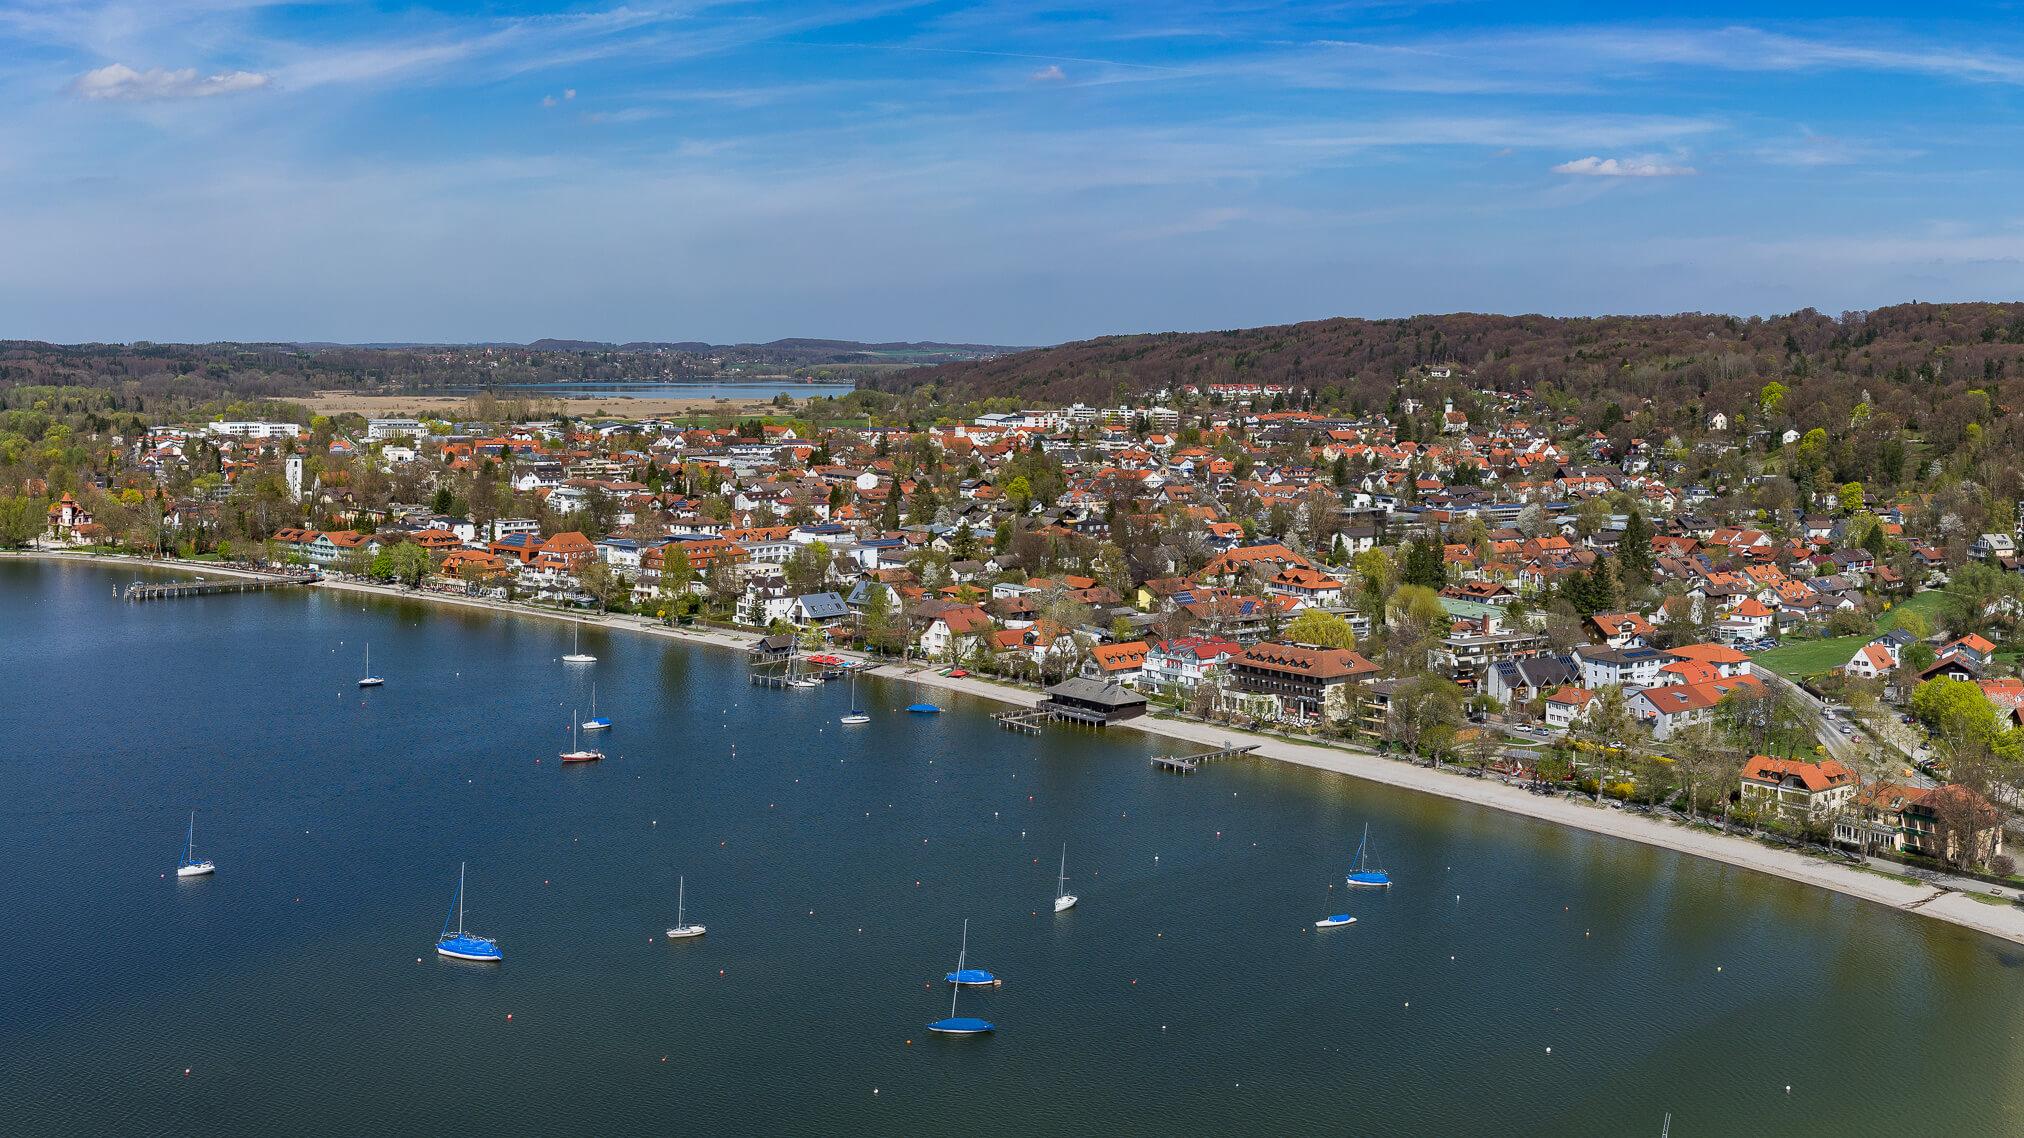 Luftbild Ammersee mit Herrsching